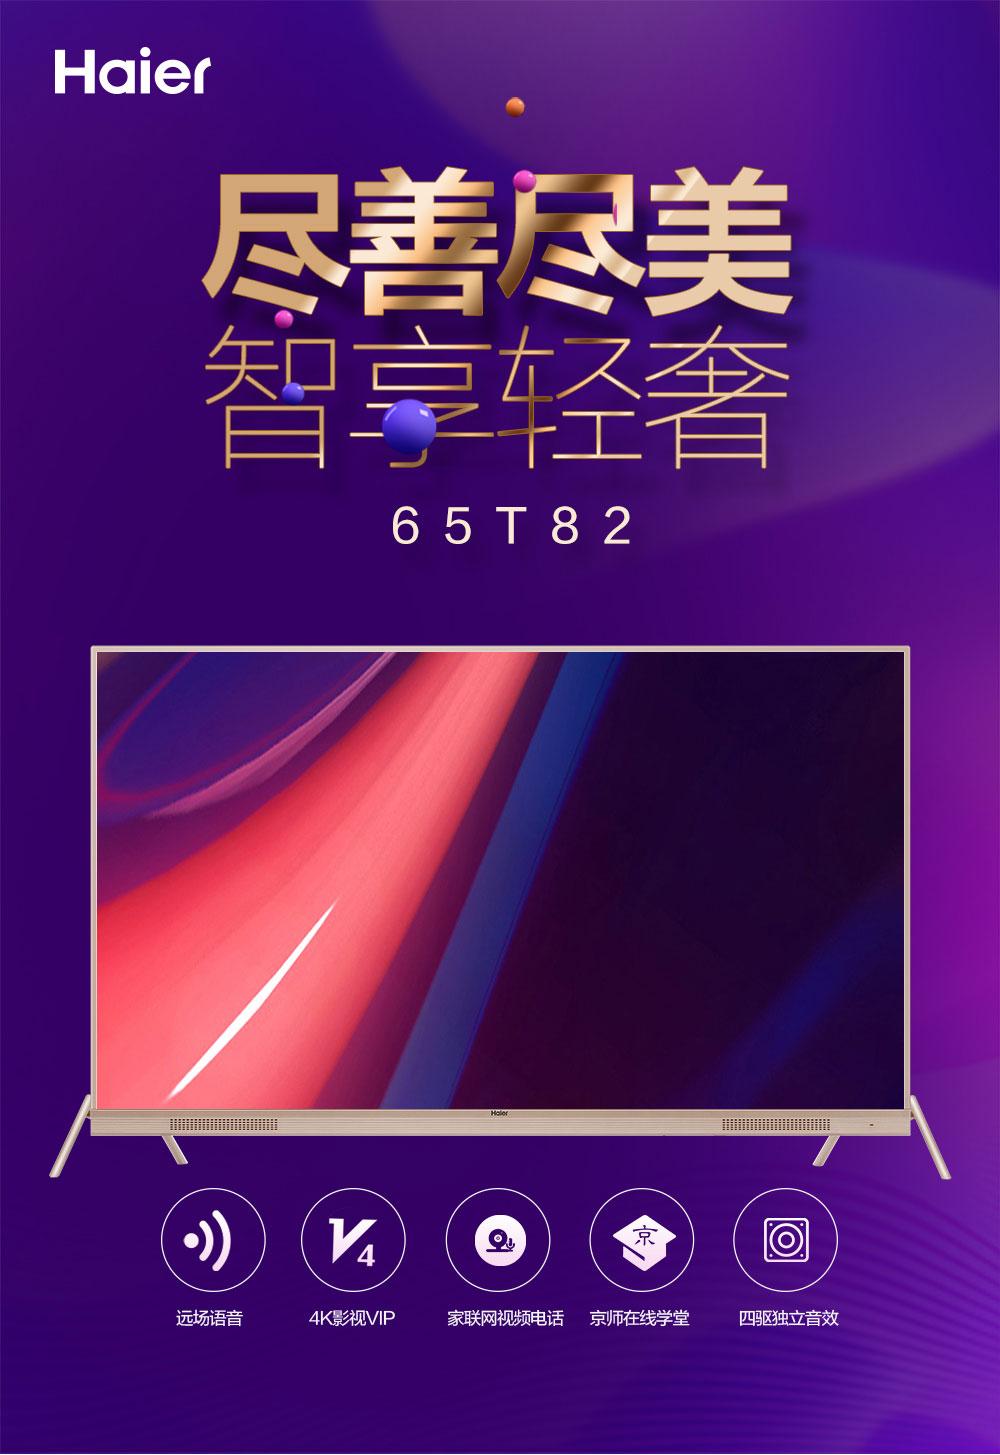 15H350n7324V5HXox6.jpg